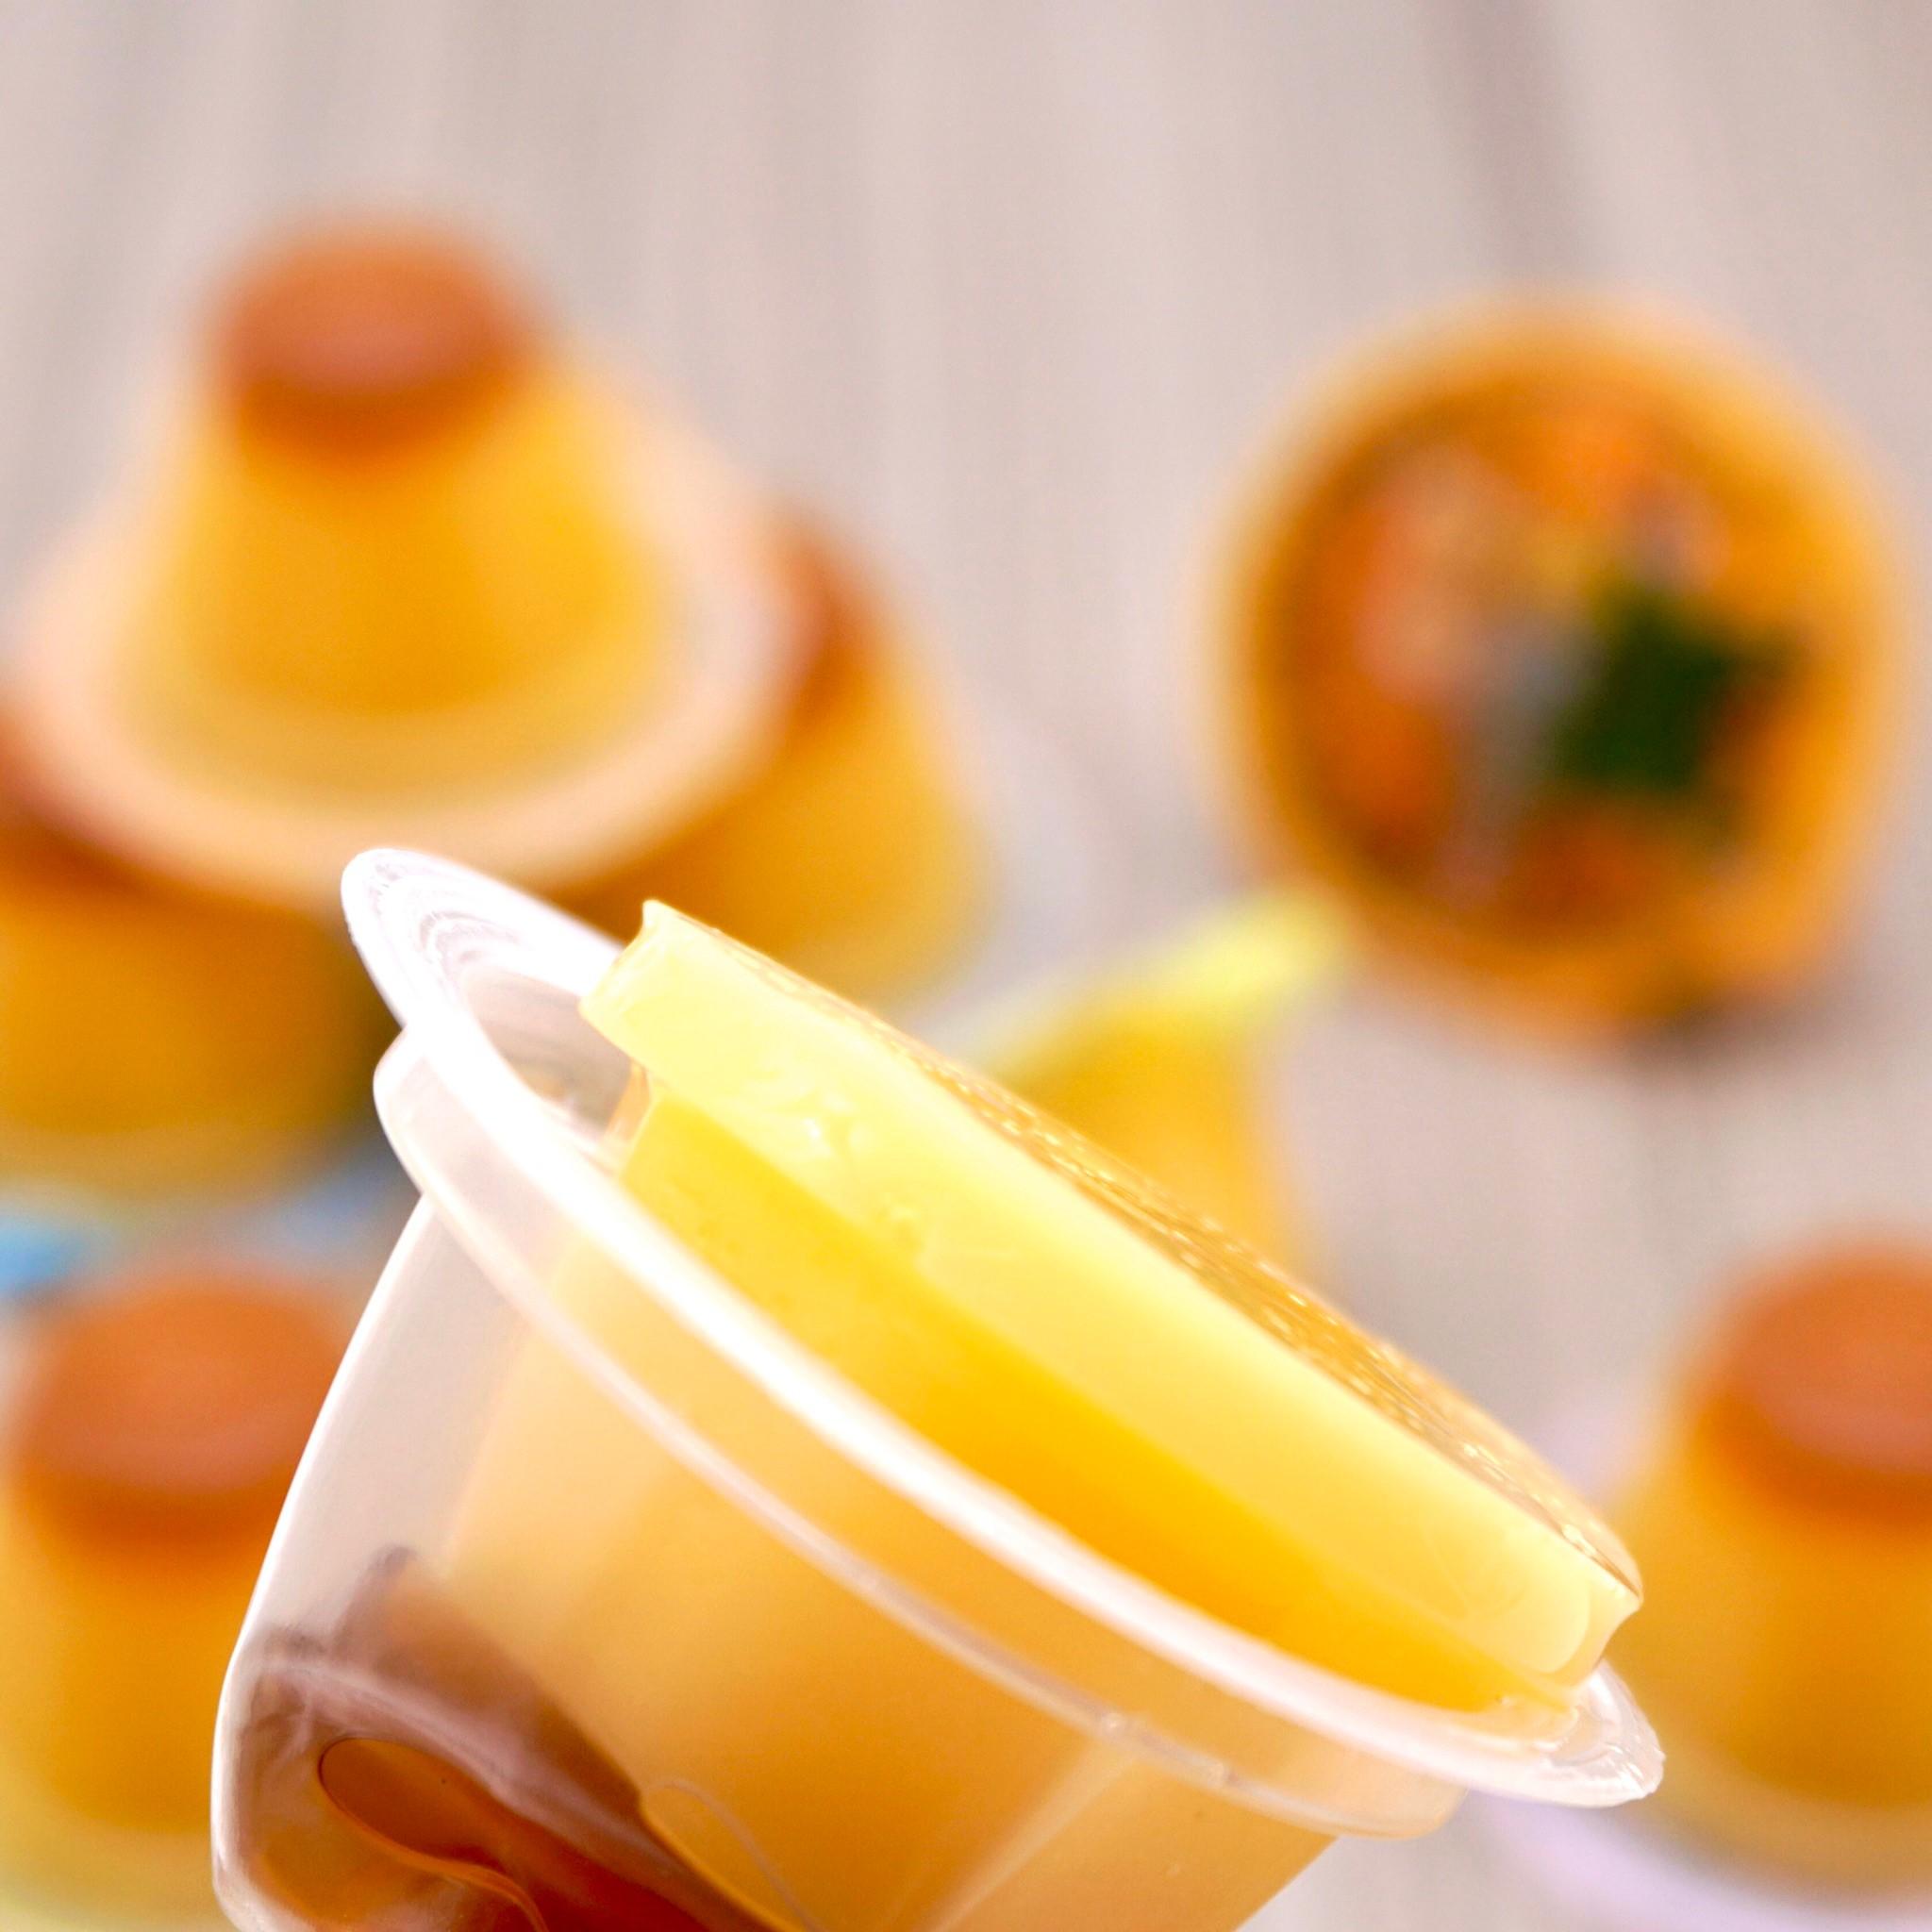 嘴甜甜 雙層派布丁 200公克 果凍系列 雞蛋布丁果凍 焦糖布丁 布丁 果汁果凍 果凍 水果凍 素食 現貨